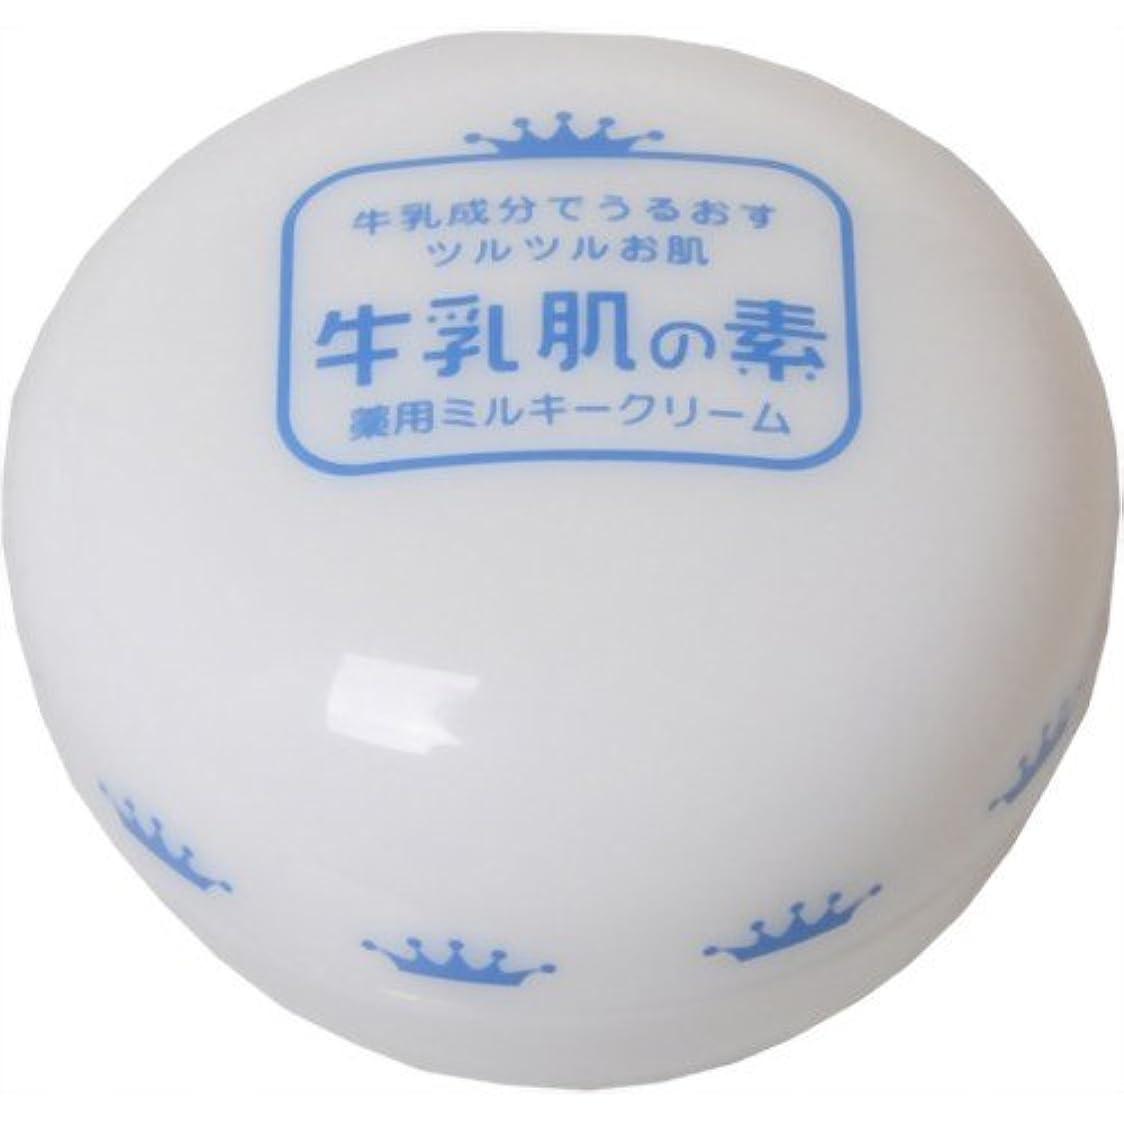 牛乳肌の素 薬用ミルキークリーム 20g